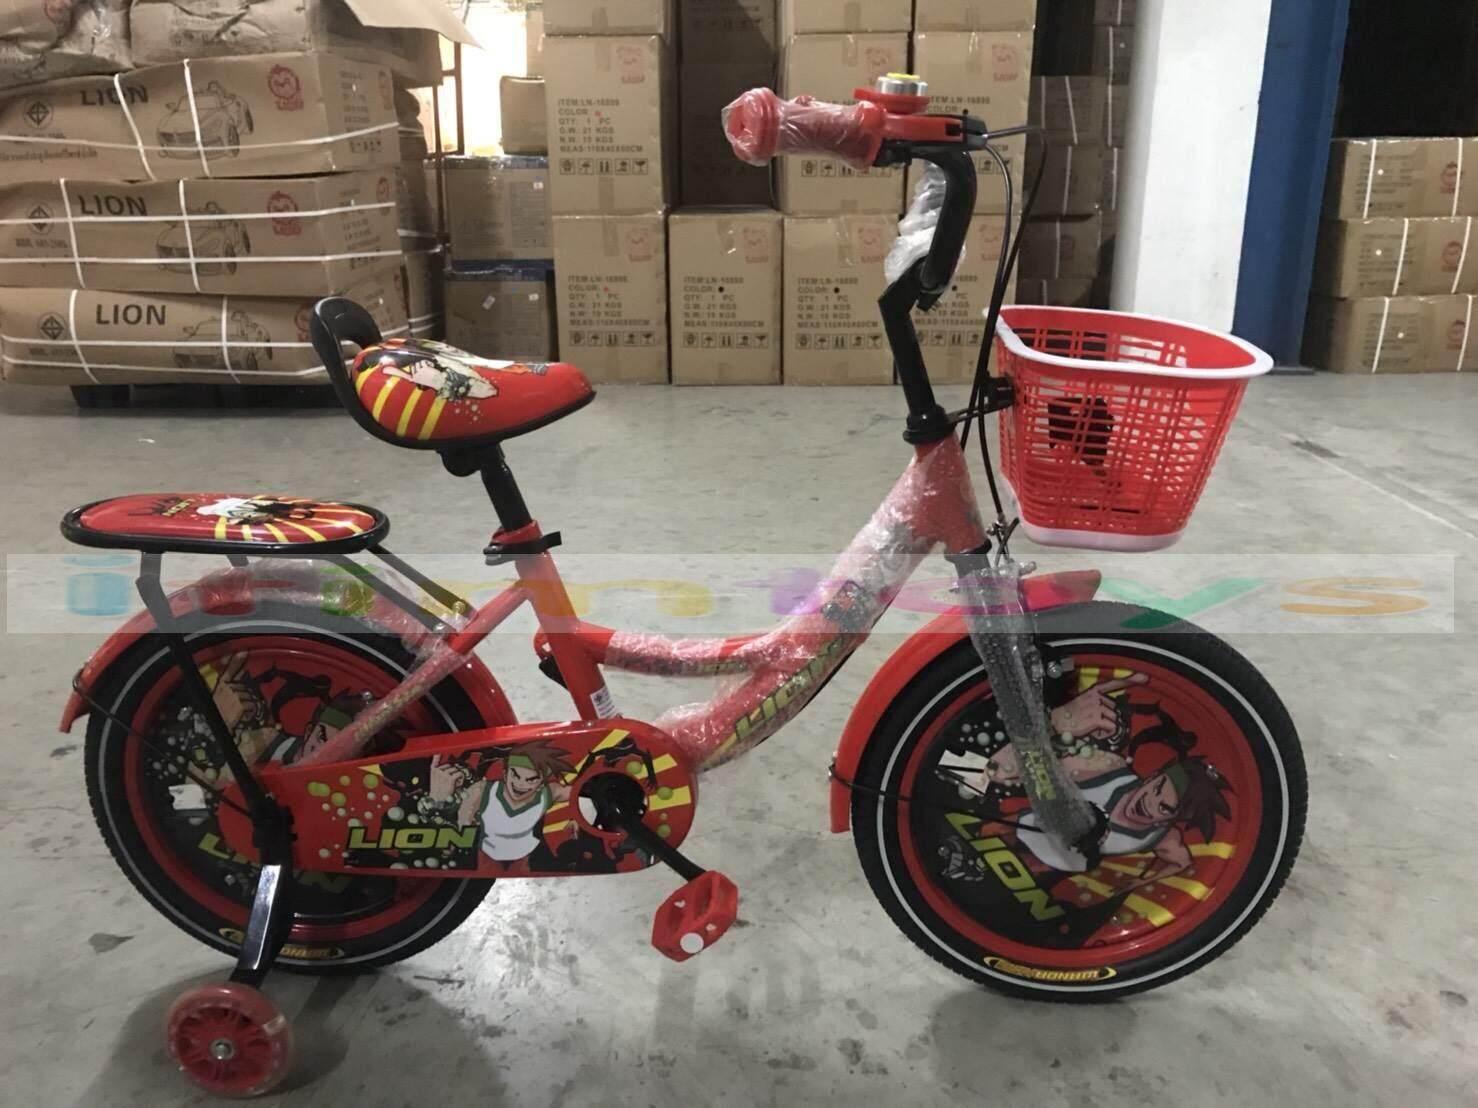 จักรยานลายเบ็นเท็น 12 นิ้ว By Itimtoys.